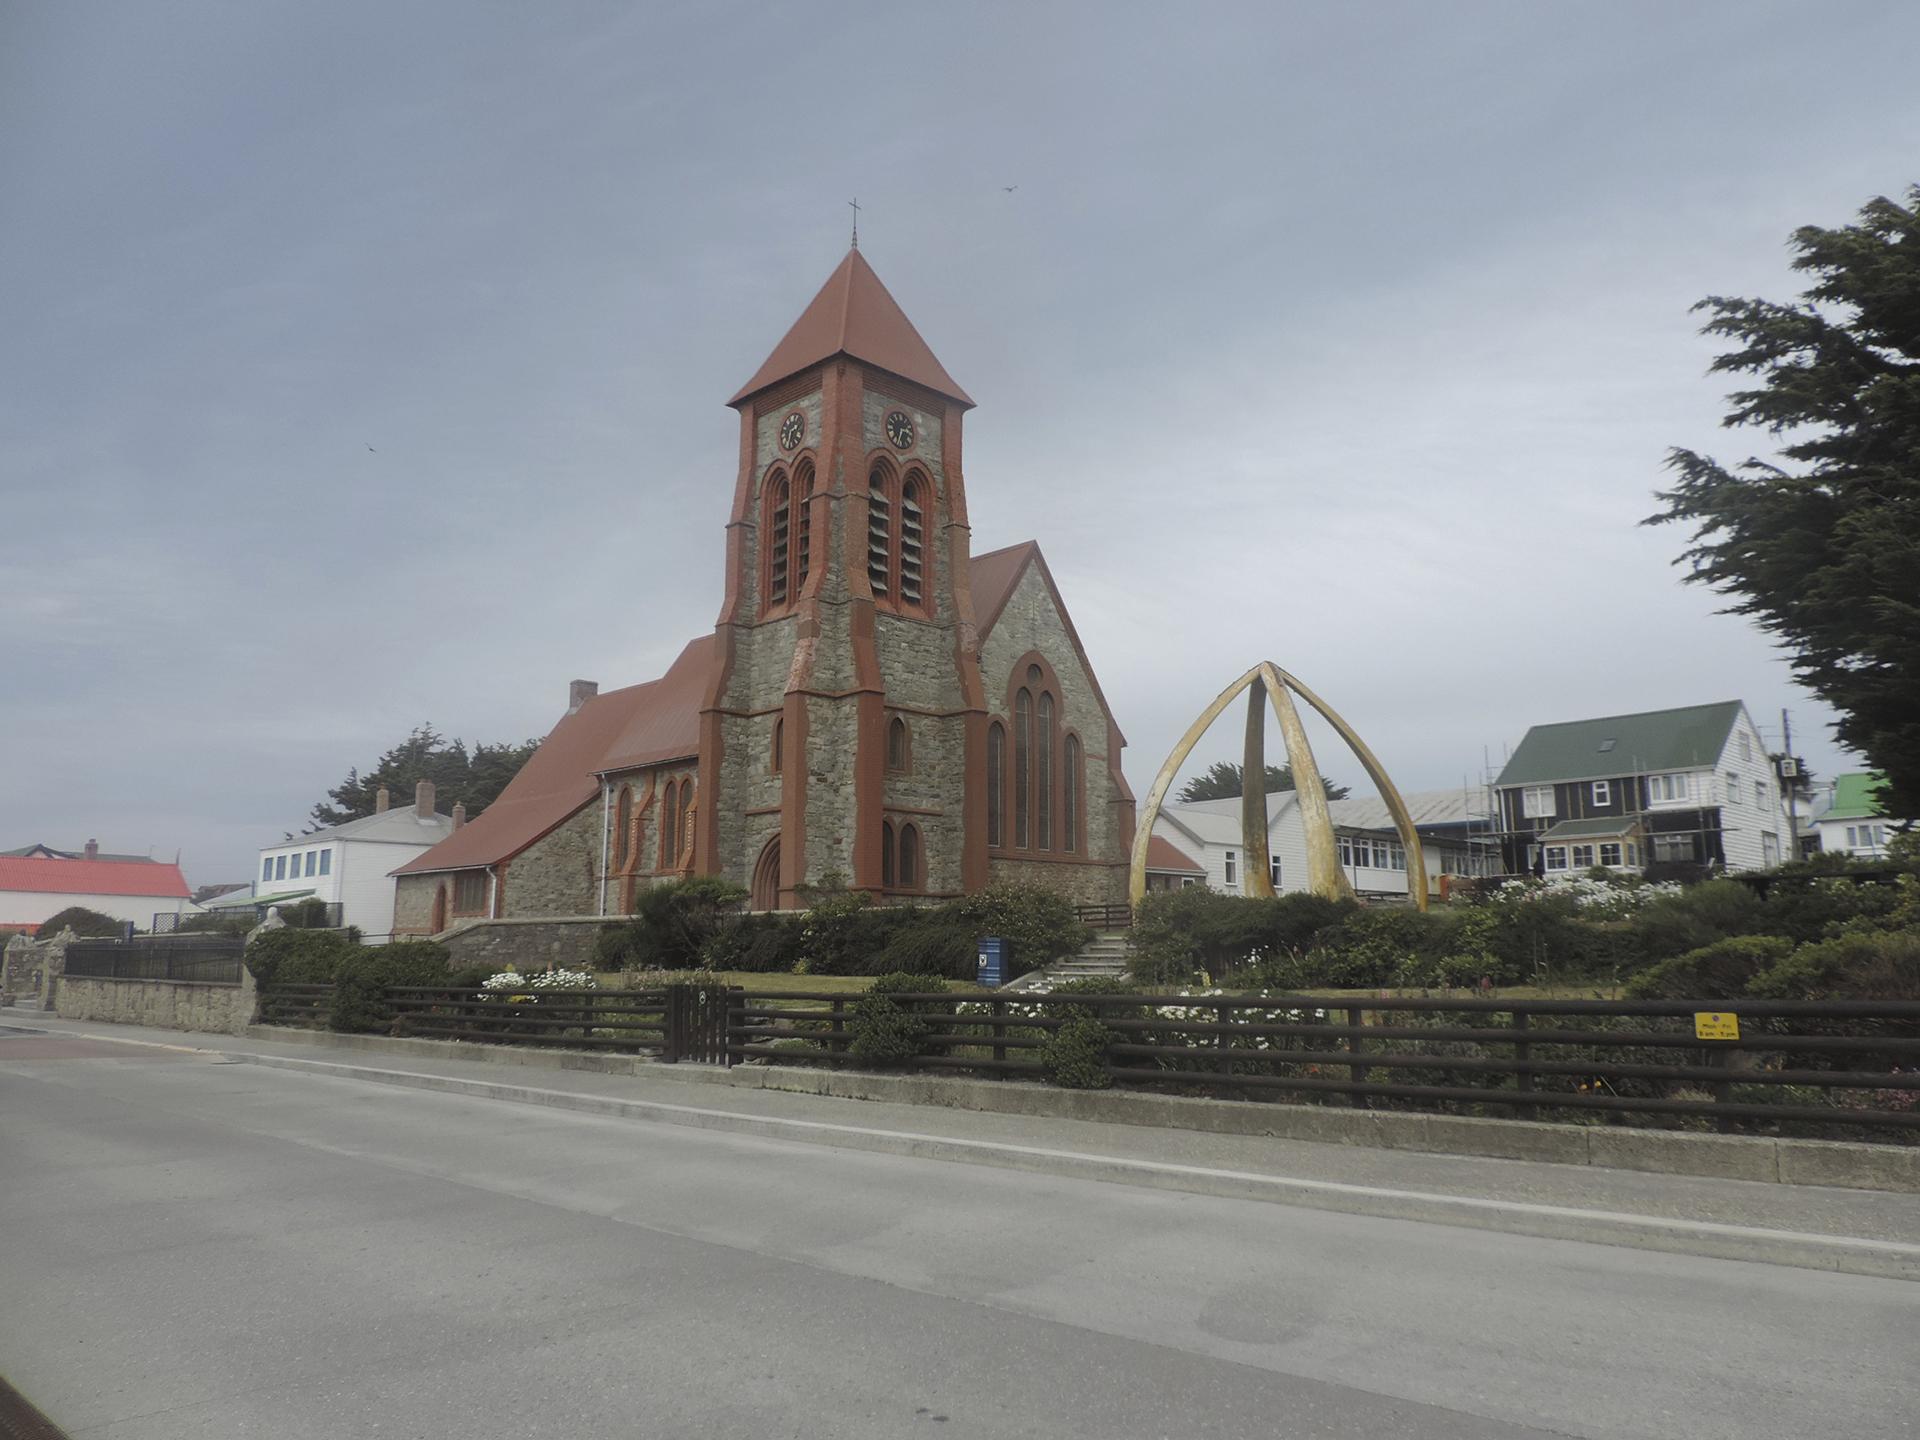 La iglesia, el centro, los jardines sorprendentemente floríferos, las costa a un lado… la caminata es una recorrida que se vuelve tradición